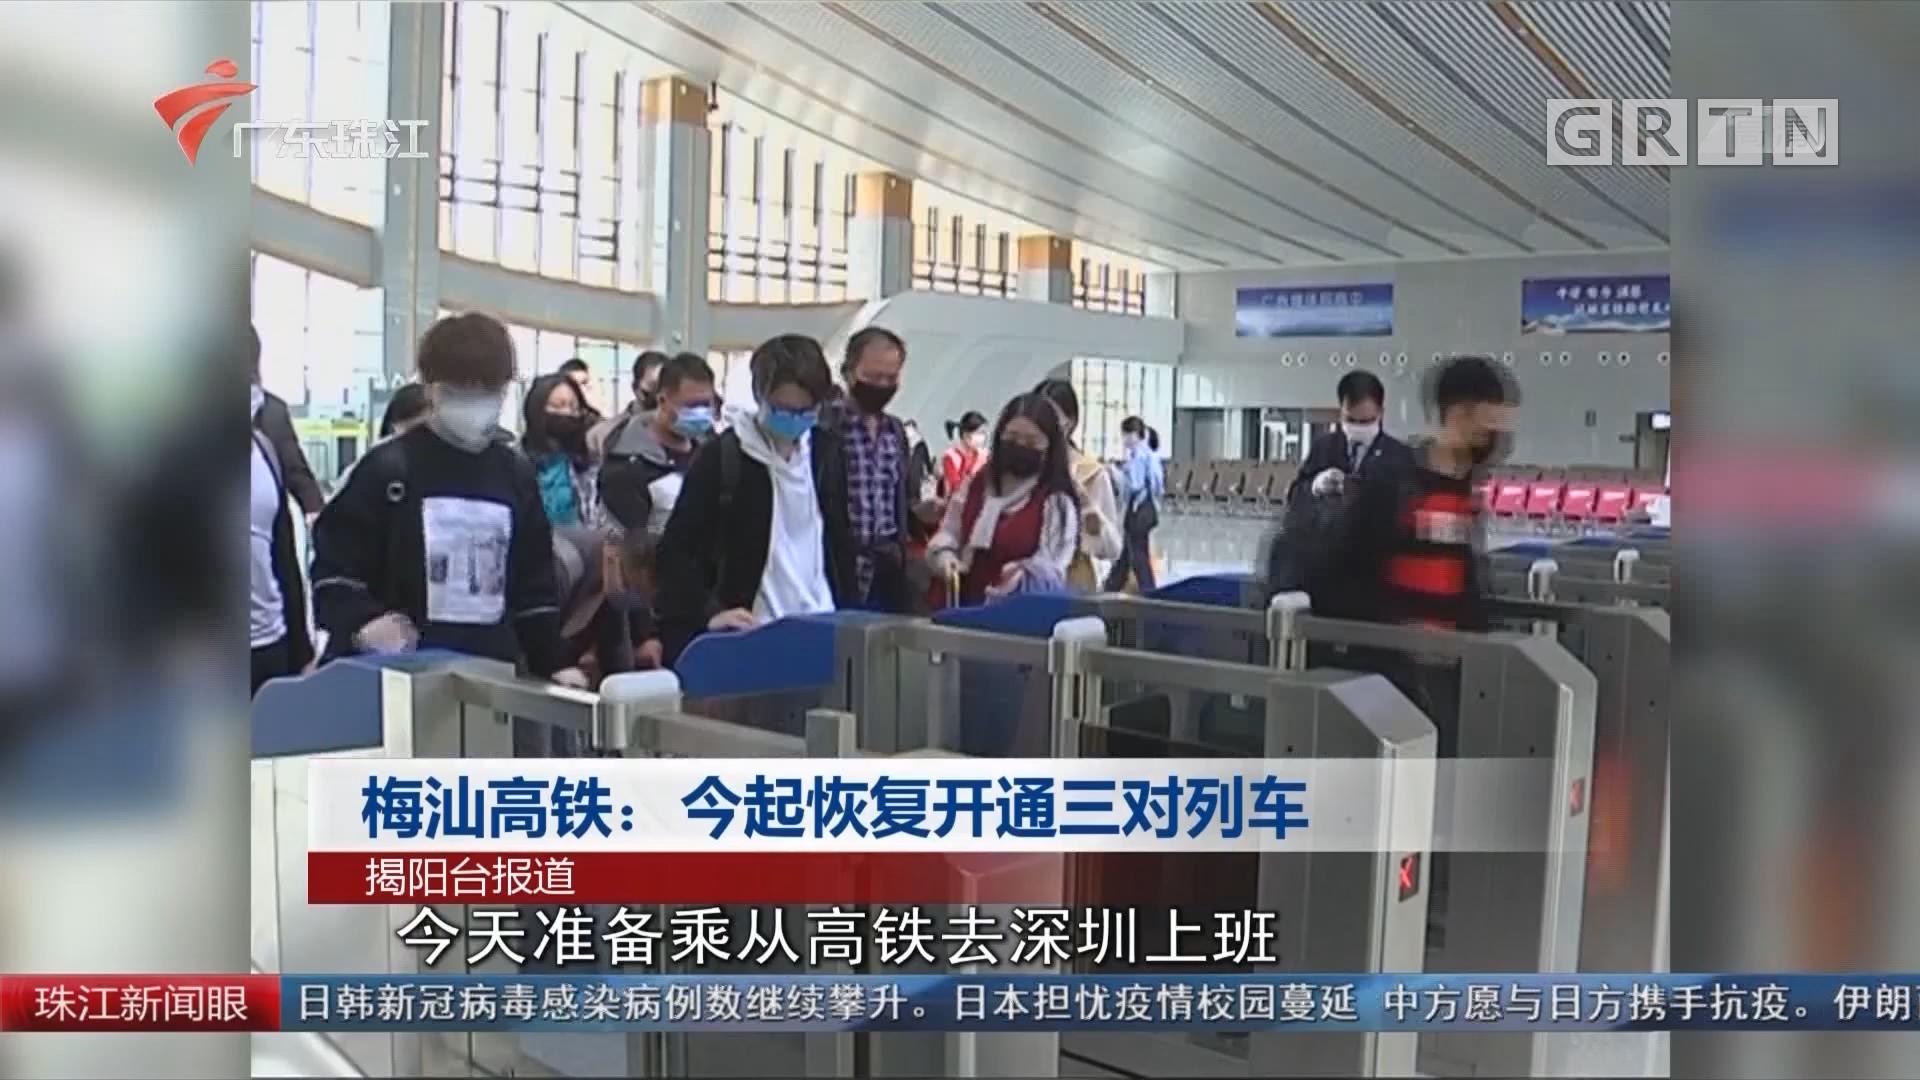 梅汕高铁:今起恢复开通三对列车